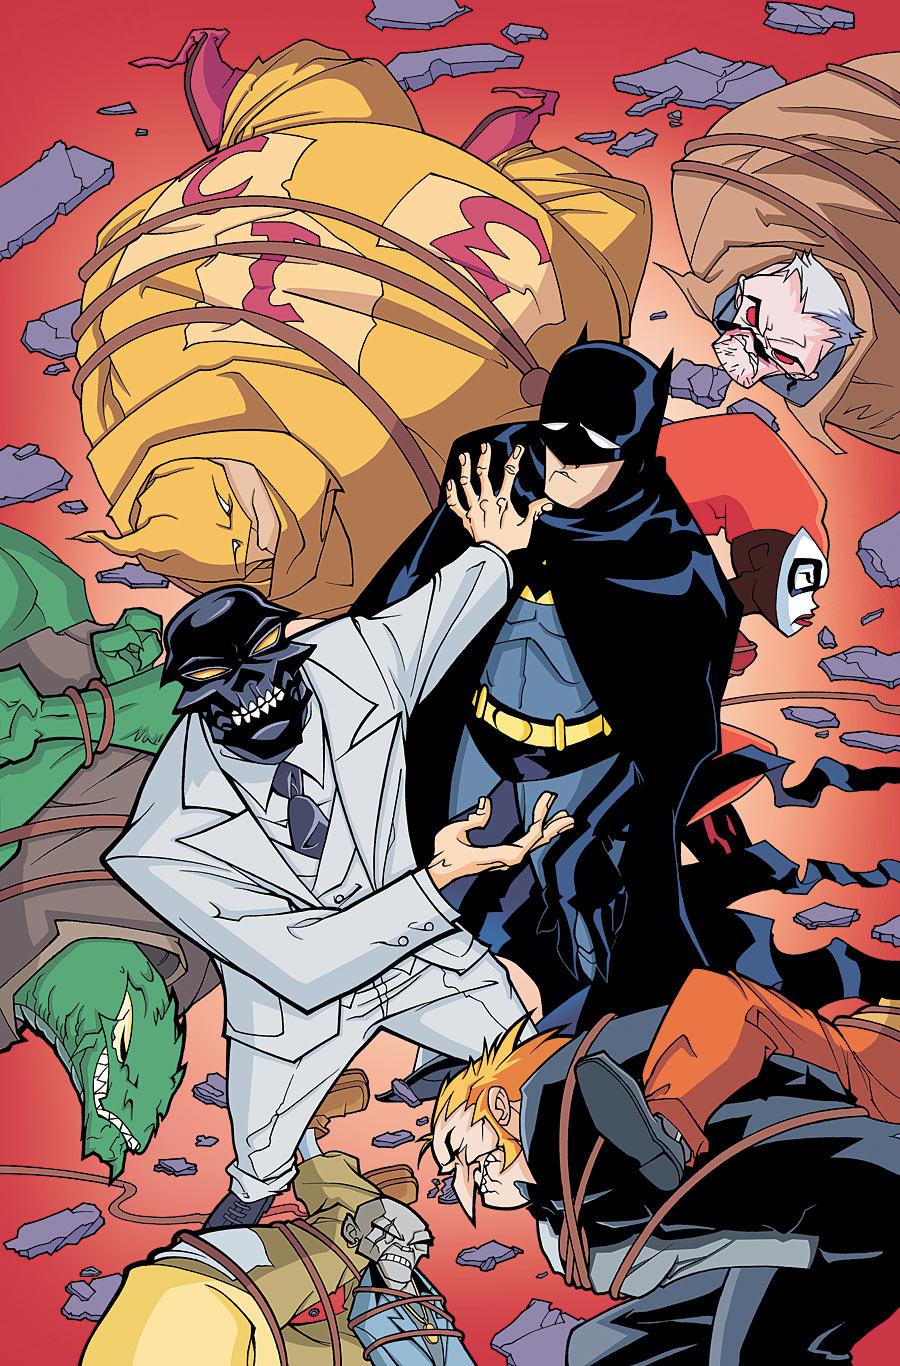 The Batman Strikes! Vol 1 39 Textless.jpg